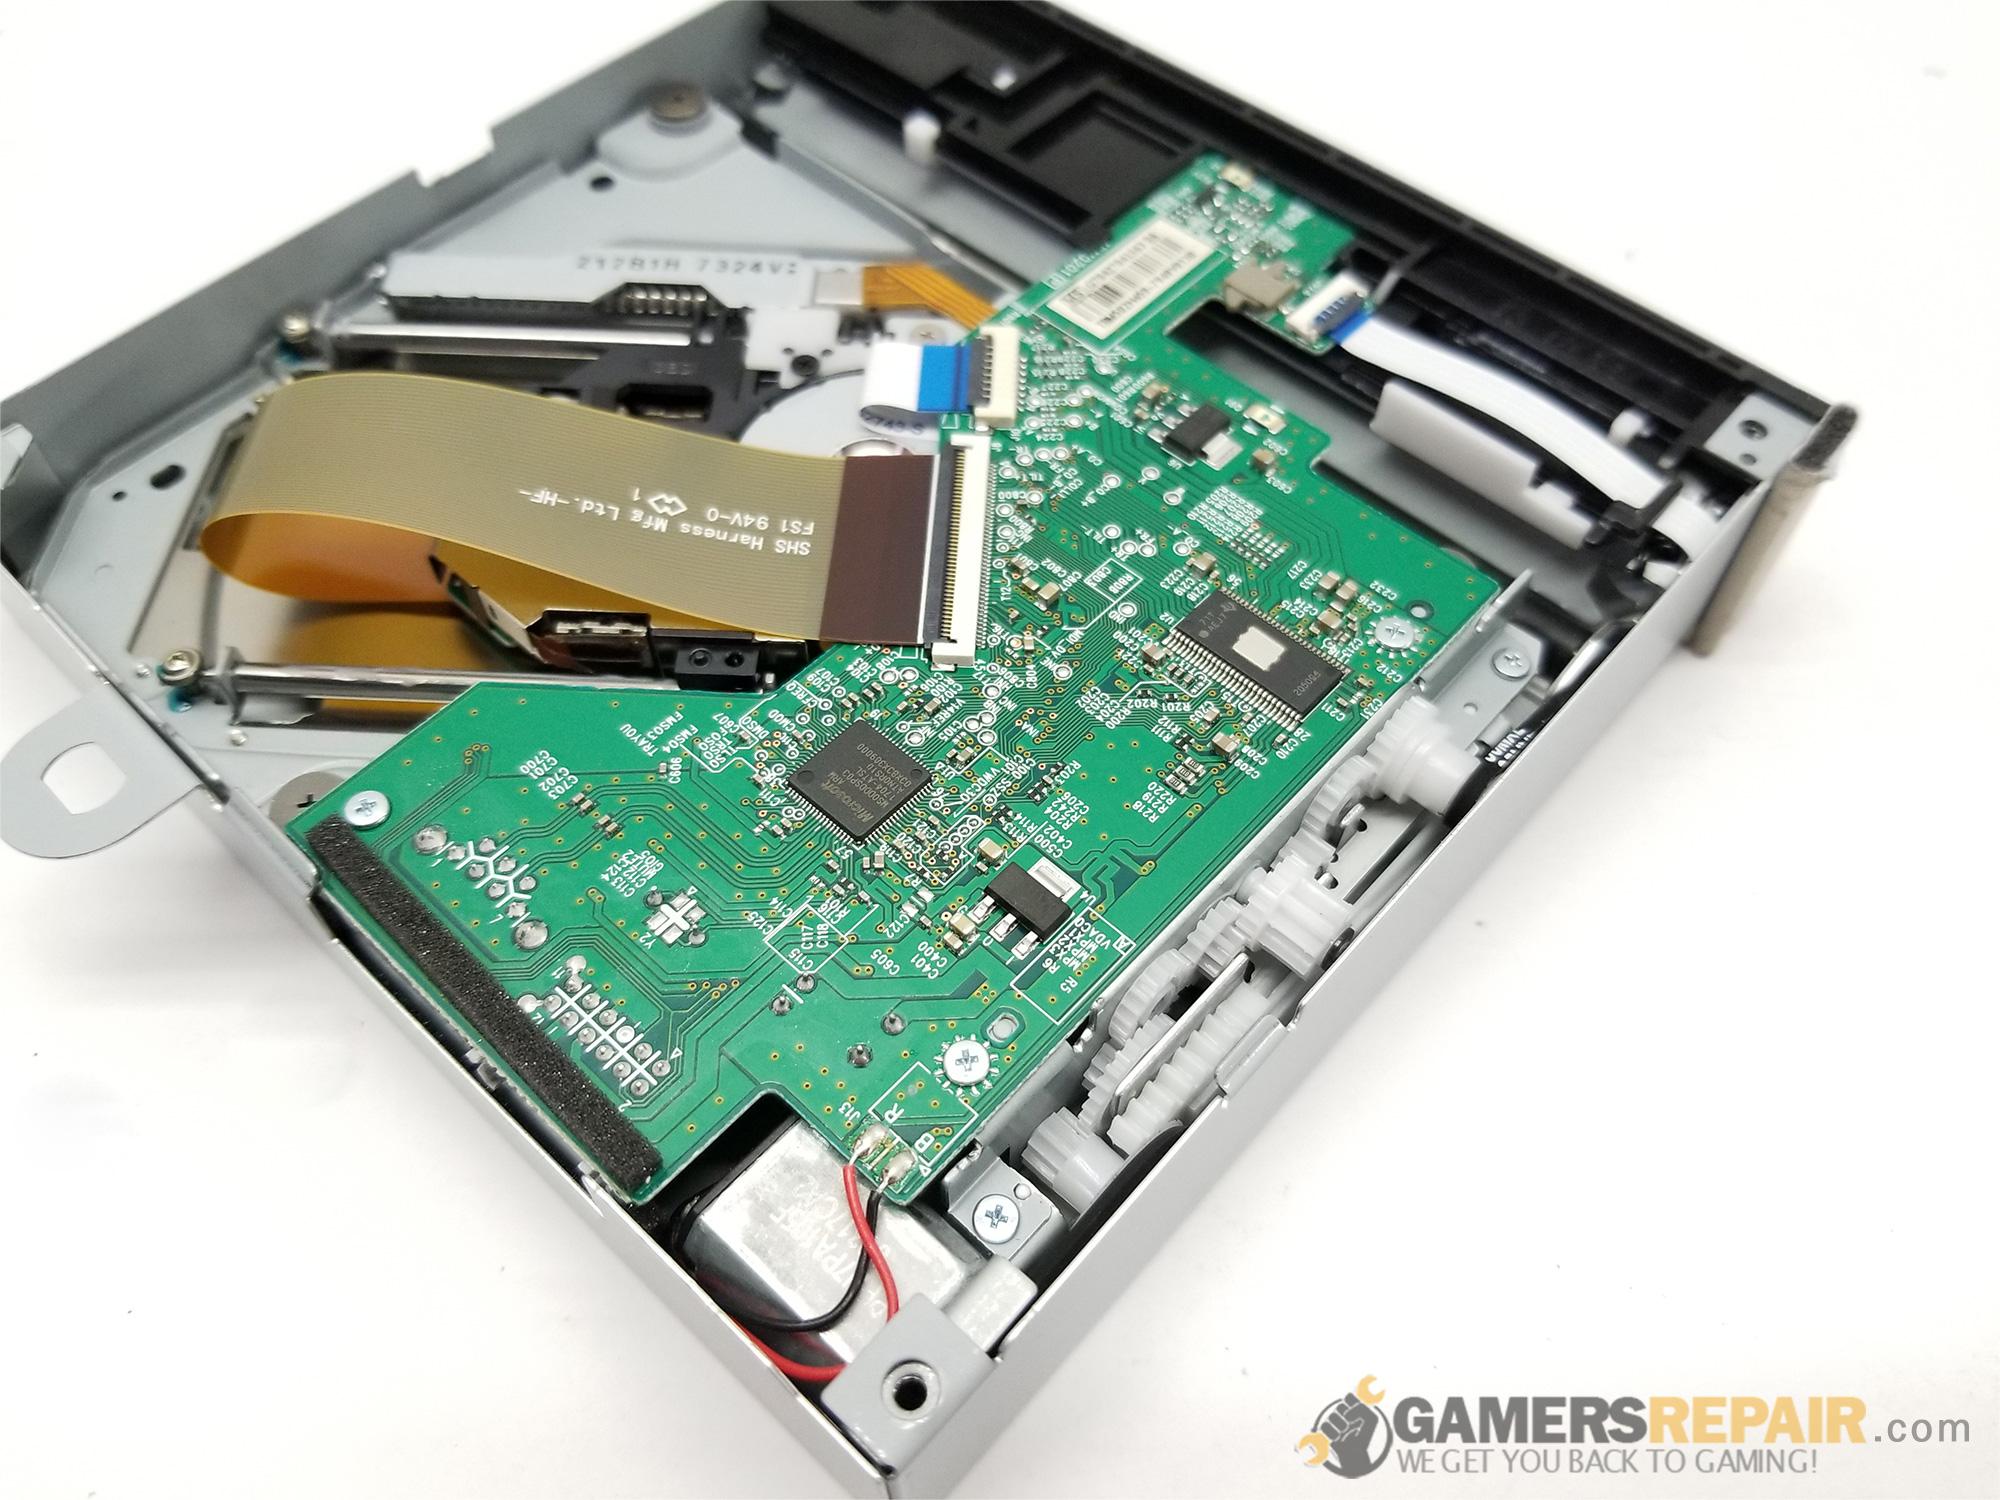 xbox-one-x-disc-drive-pcb-installed.jpg